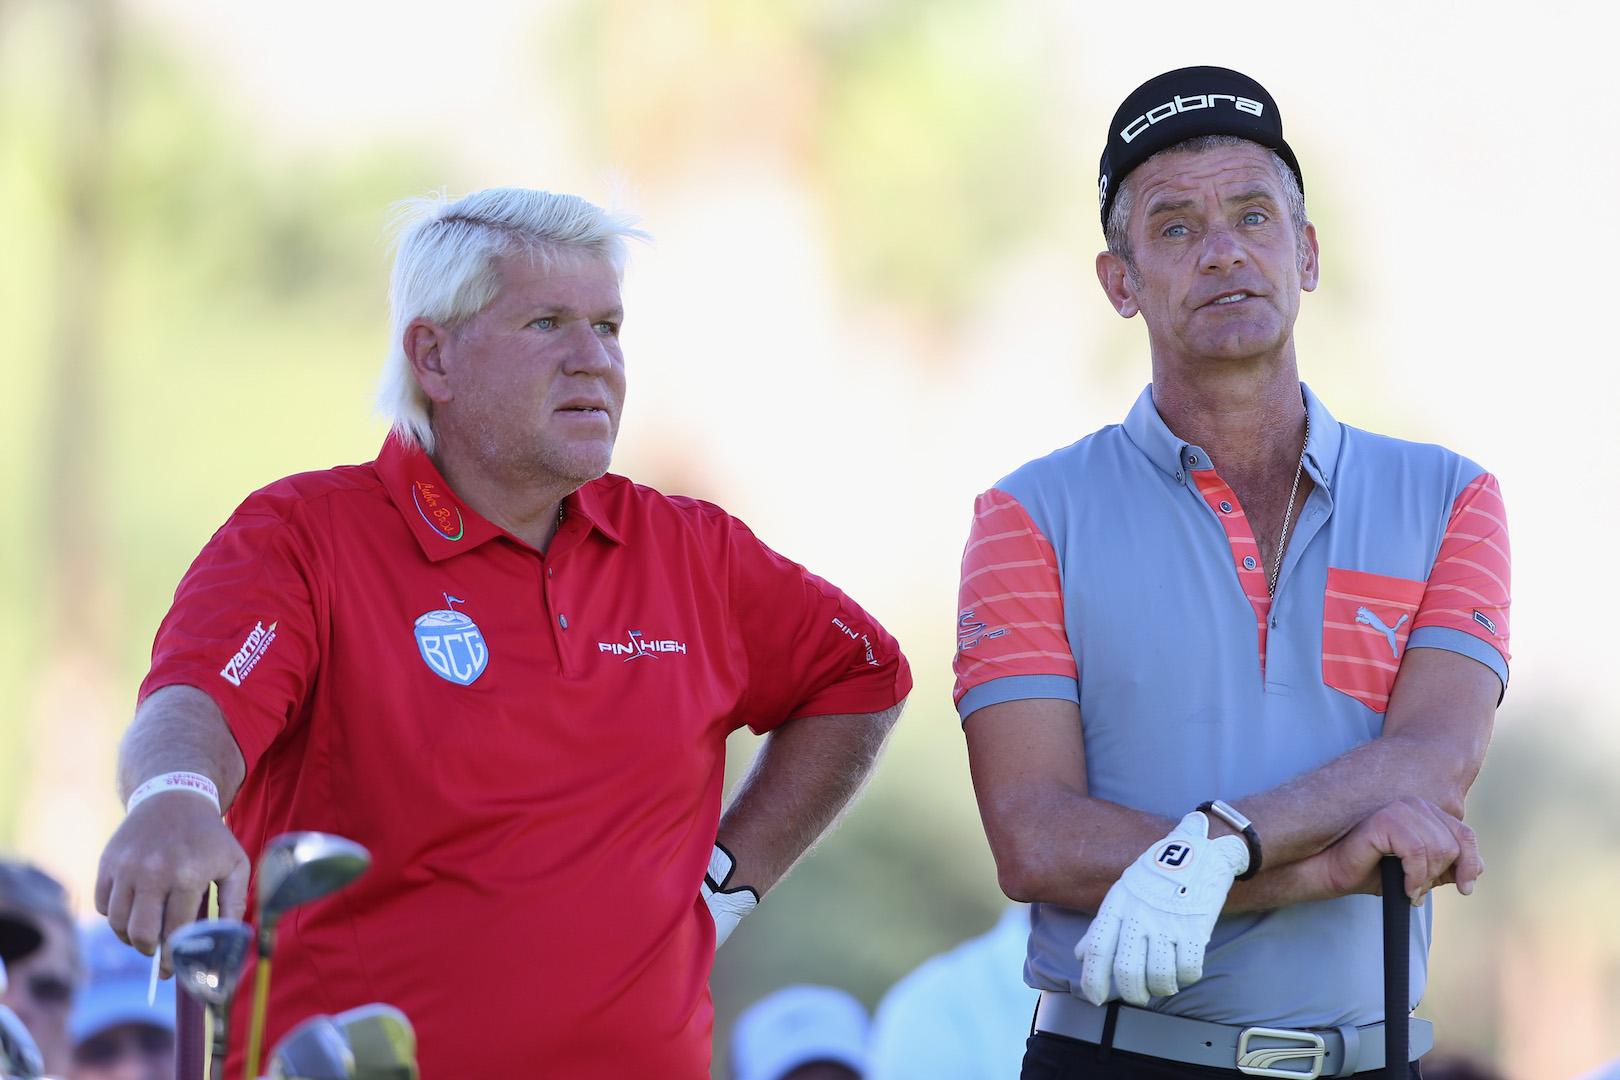 Senior European Tour Debut for John Daly